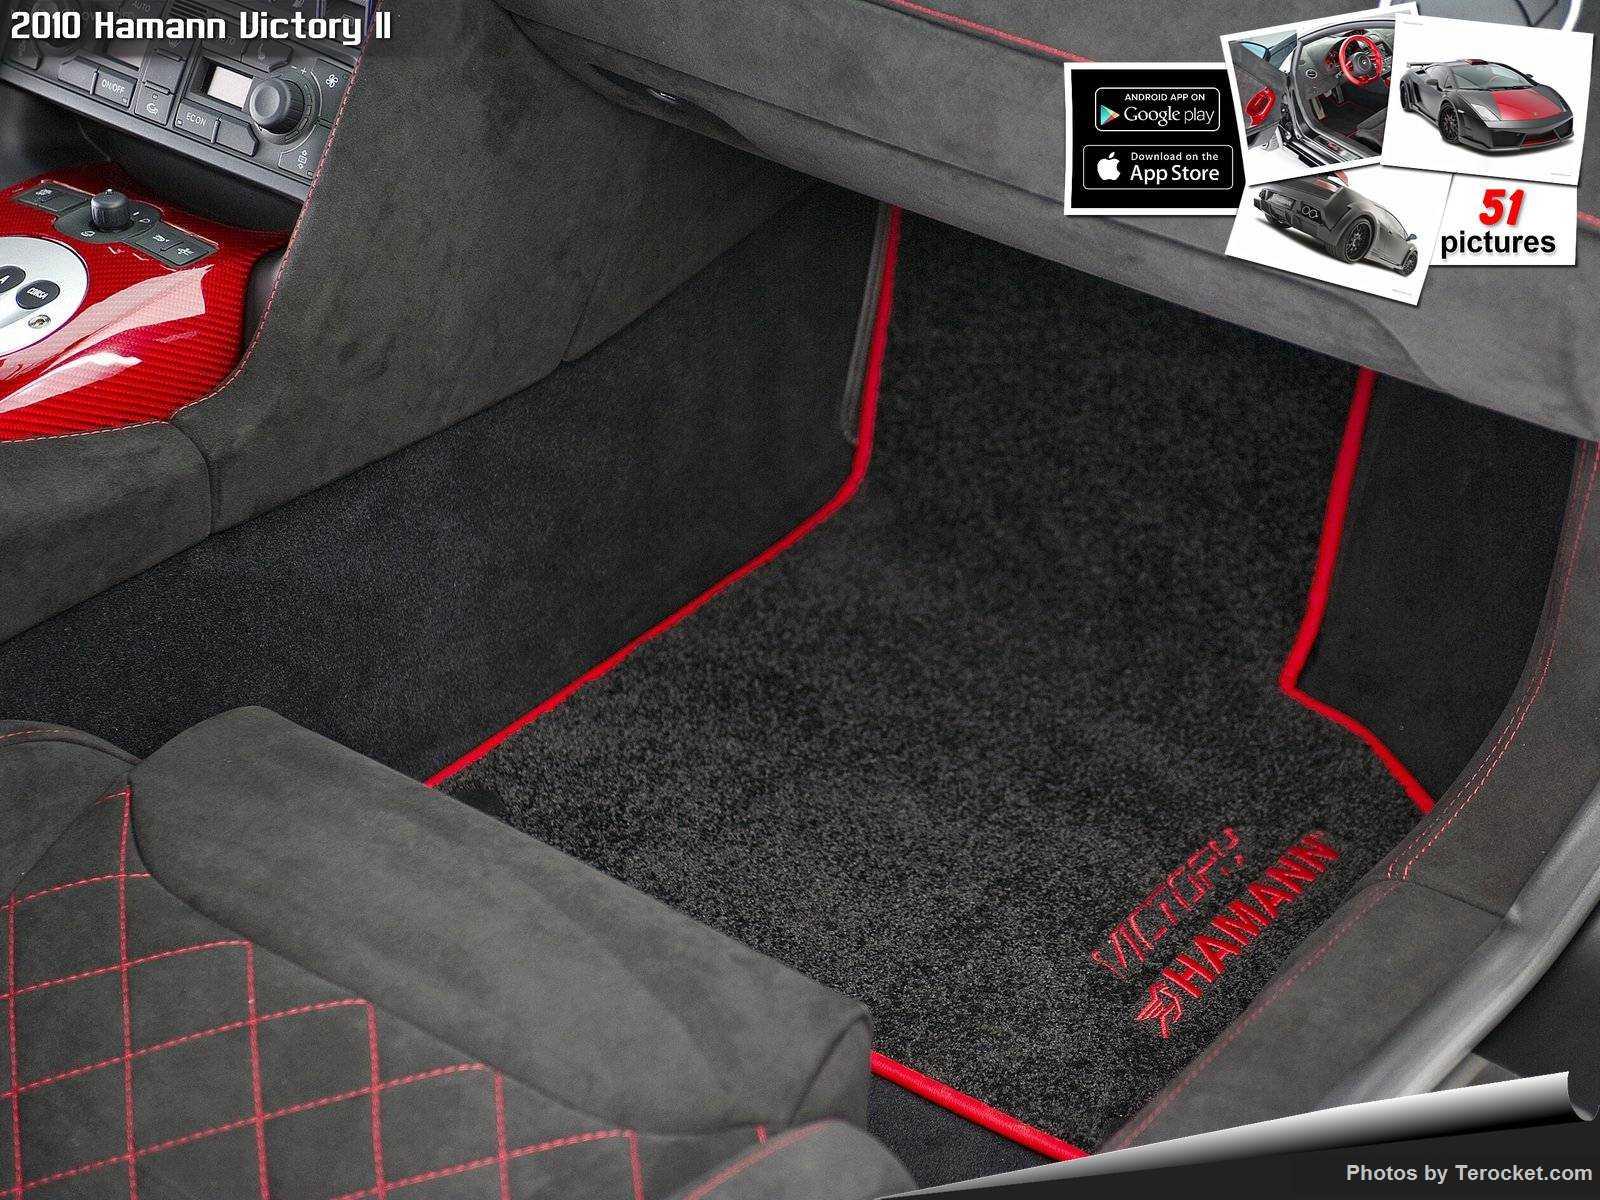 Hình ảnh xe ô tô Hamann Victory II 2010 & nội ngoại thất